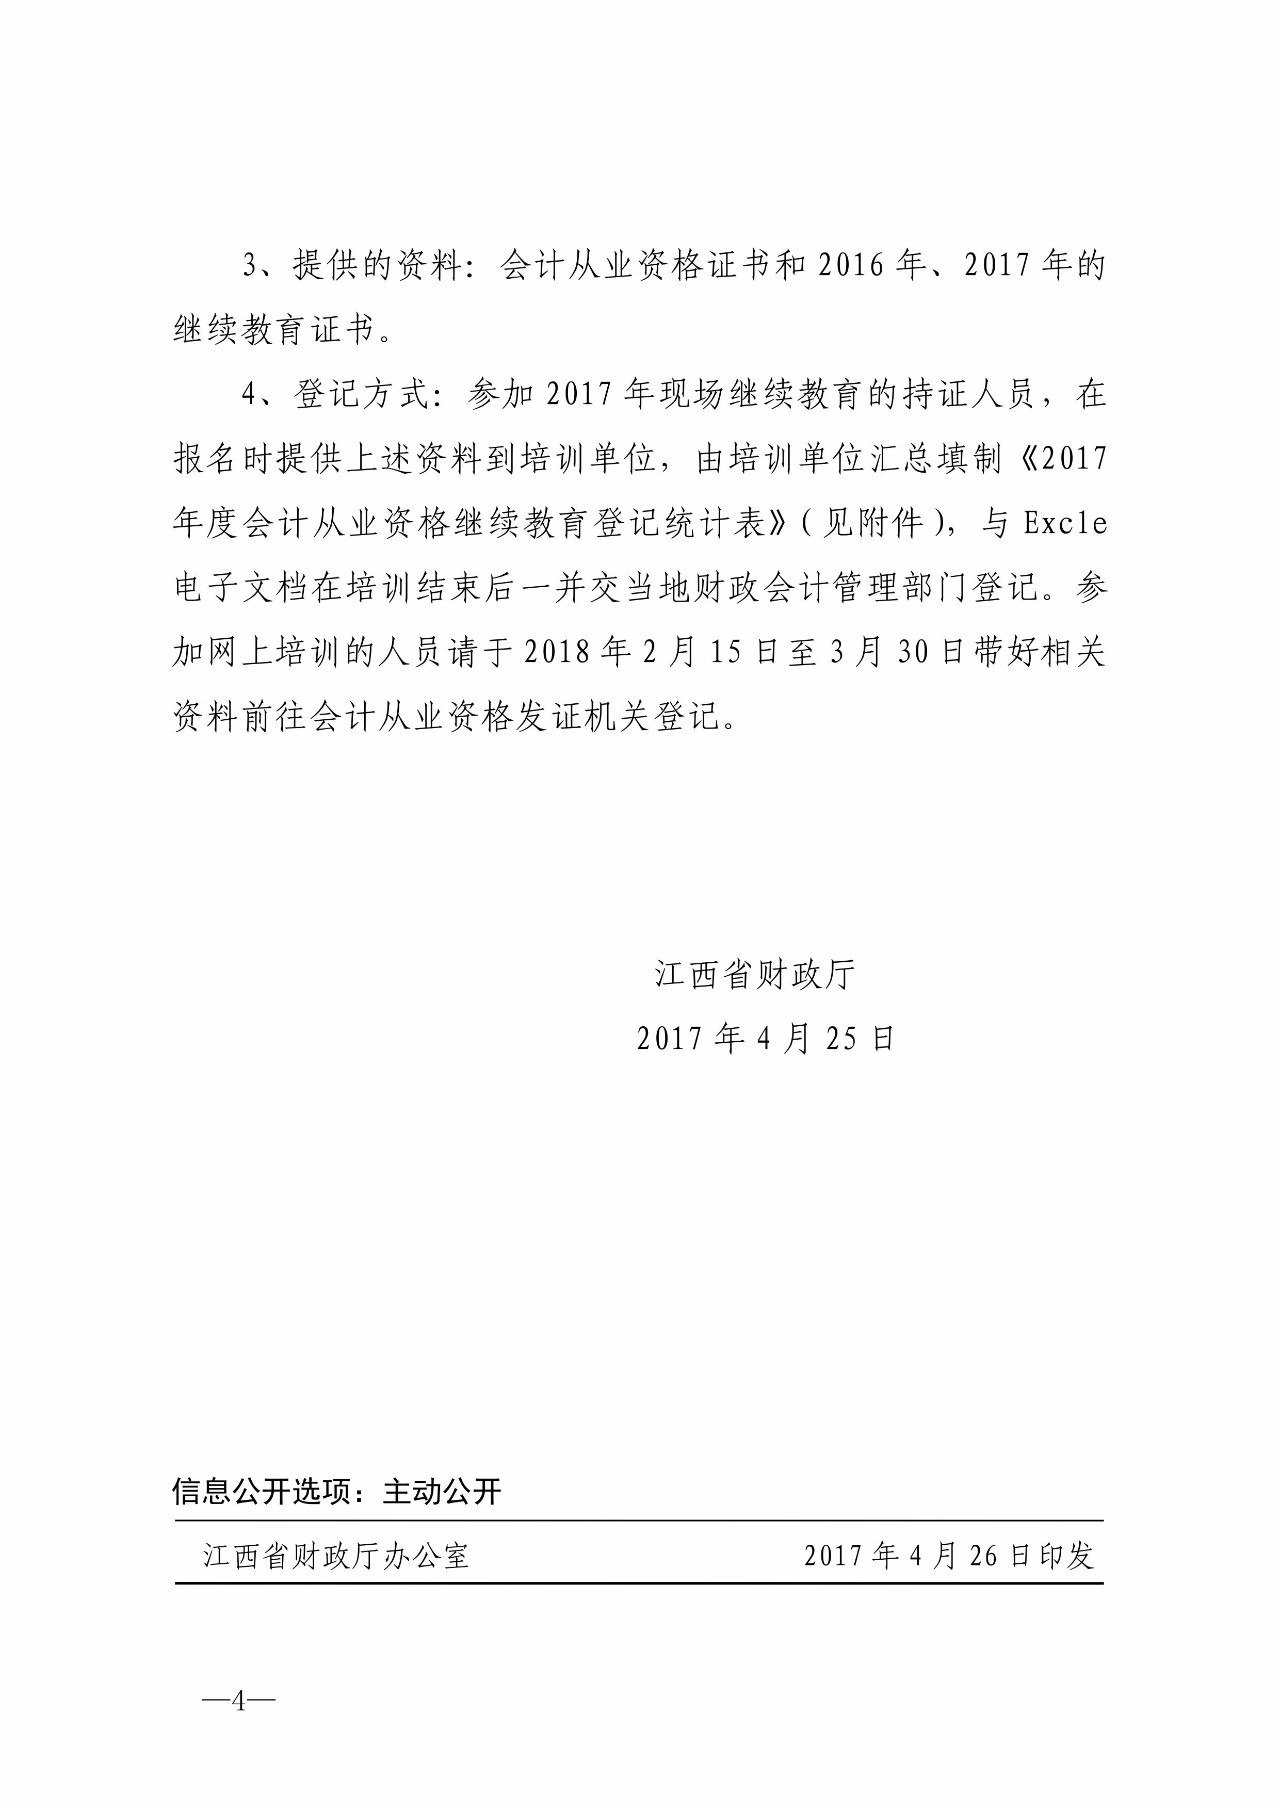 江西省财政厅:2017江西会计继续教育培训有关事项通知